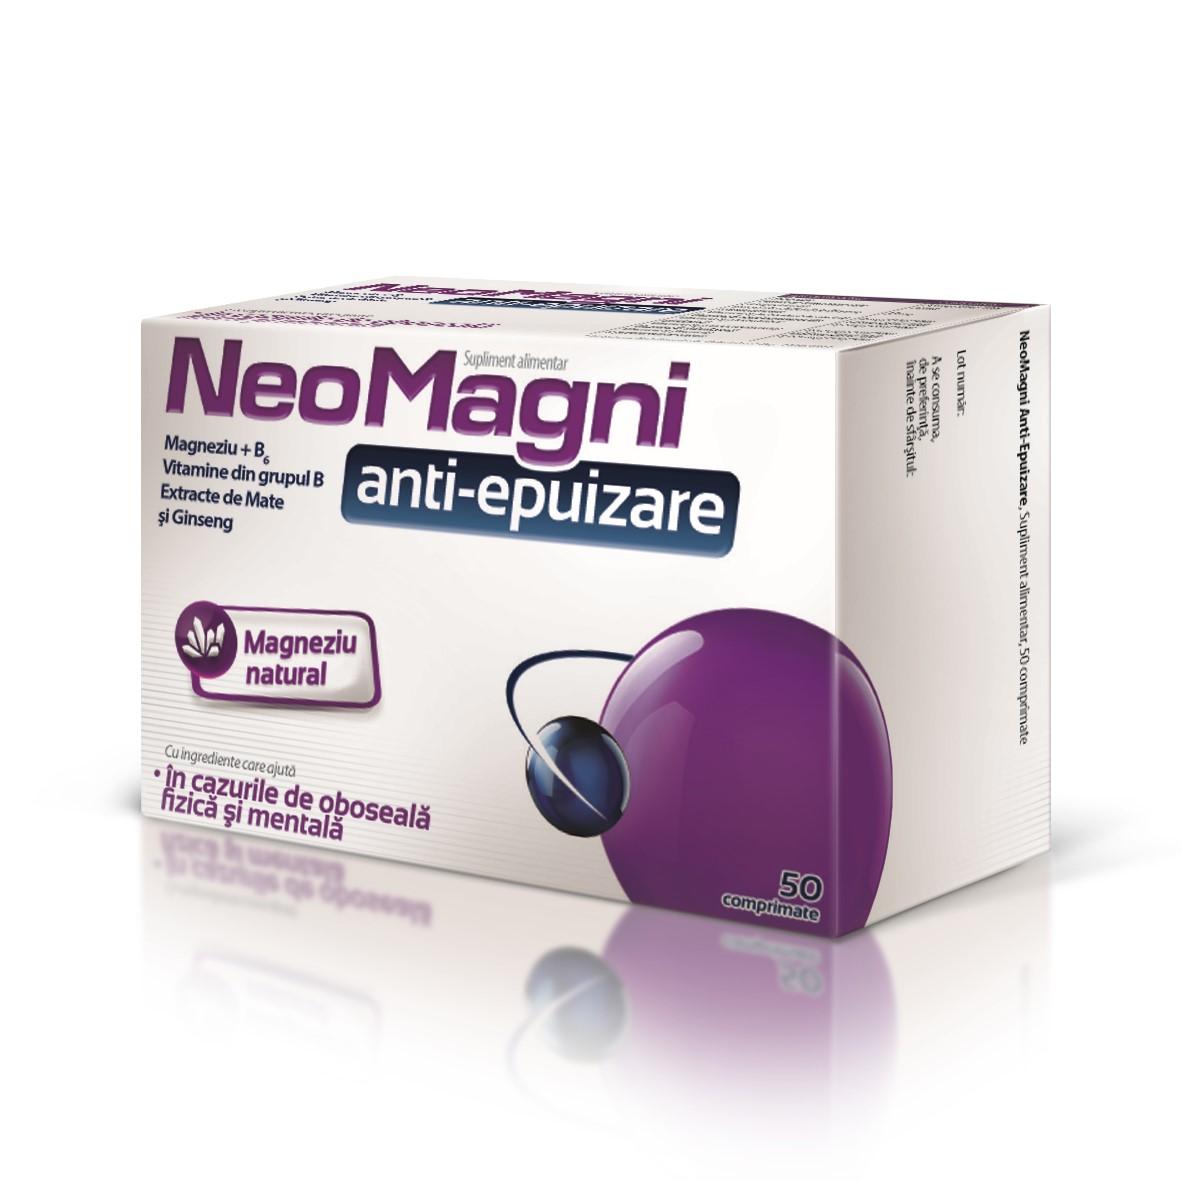 NeoMagni anti-epuizare, 50 comprimate, Aflofarm drmax poza